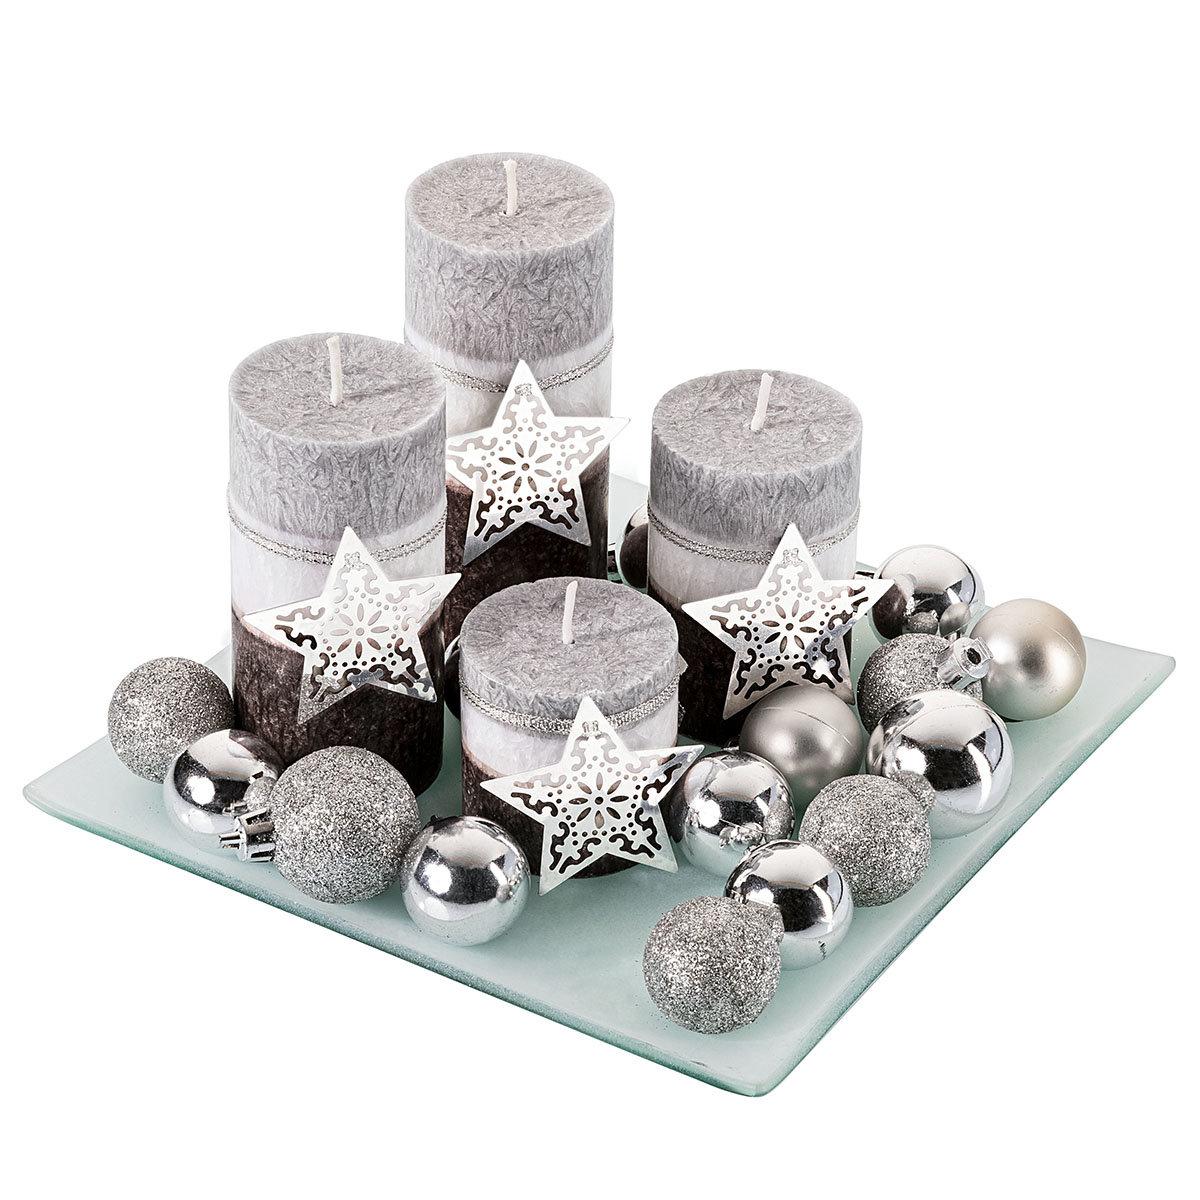 Kerzenset Silberglanz mit 4 Kerzen und Teller, 20x20 cm | #3